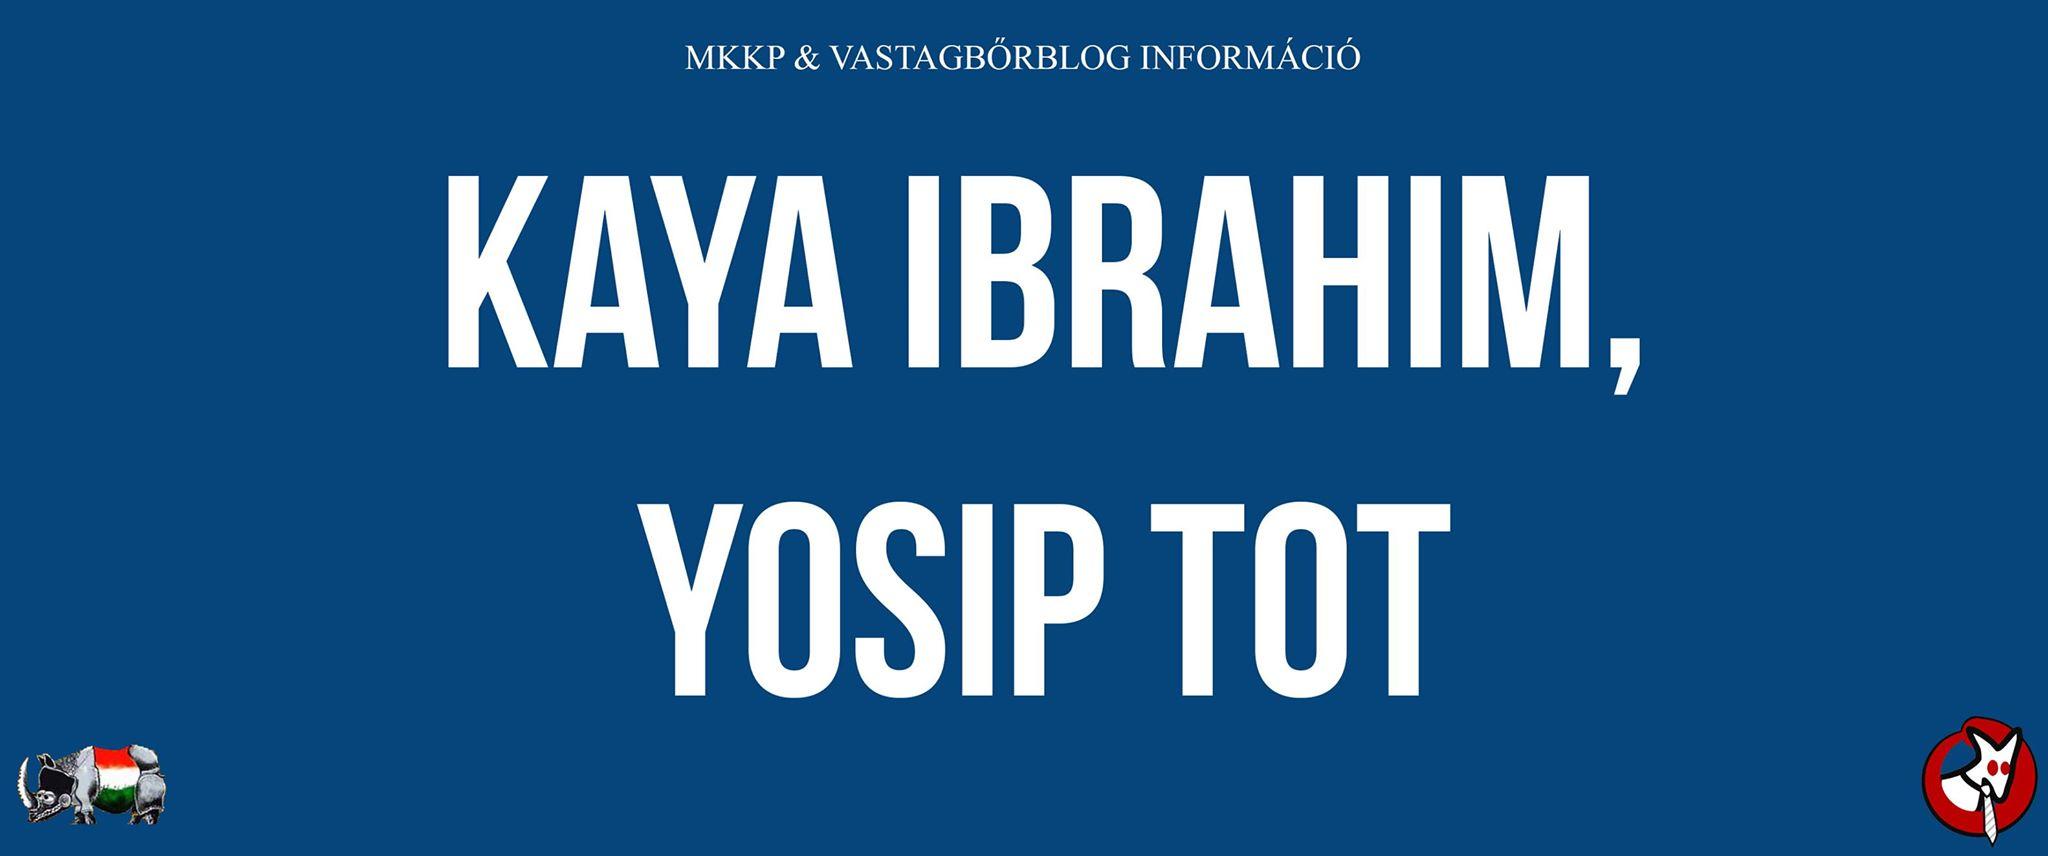 mkkp plakátterv (Array)